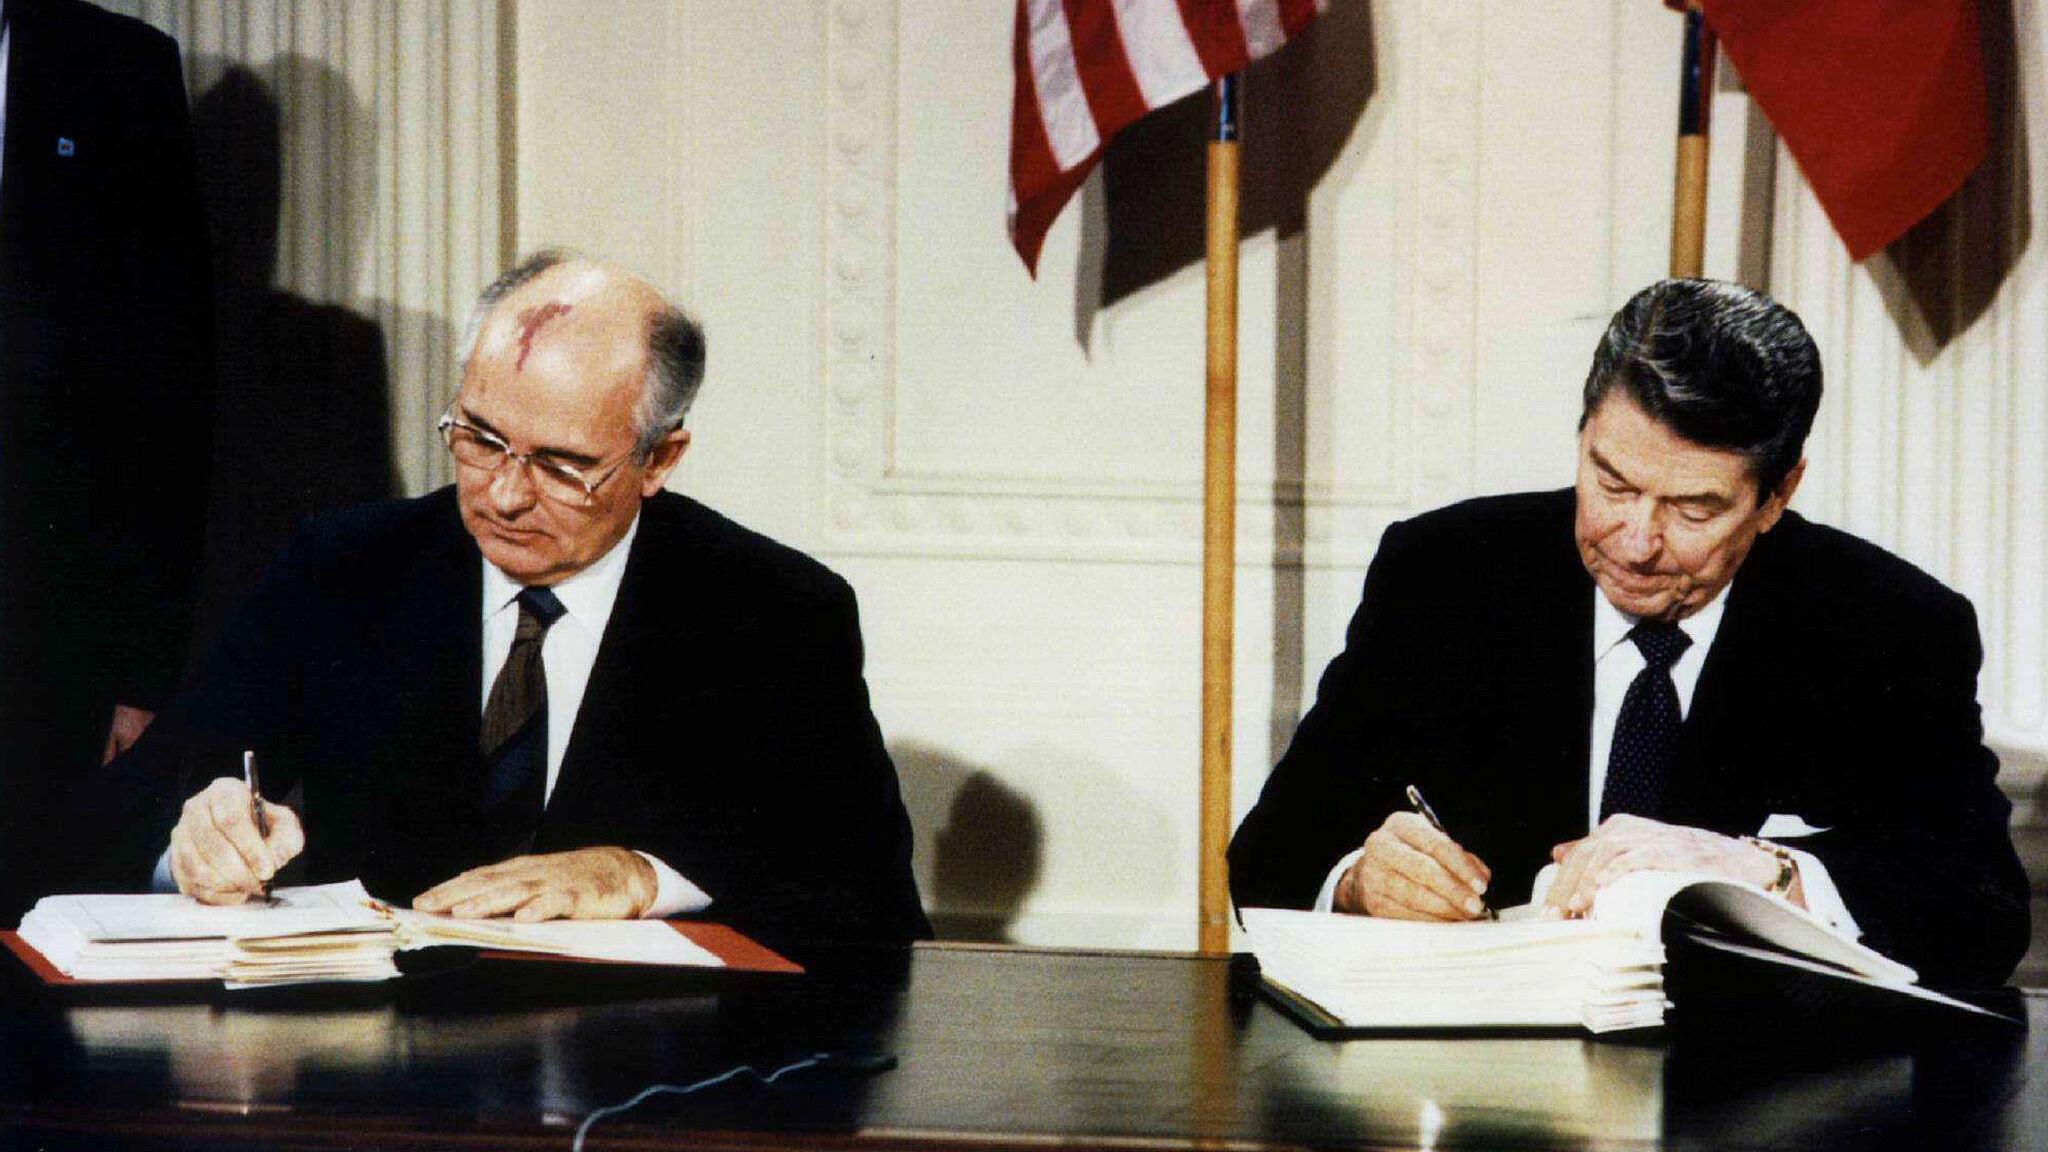 El fallecido presidente estadounidense Ronald Reagan (derecha) y el ex líder soviético Mijaíl Gorbachov firman el Tratado de Armas Nucleares de Alcance Intermedio (INF) en la Casa Blanca, el 8 de diciembre de 1987.